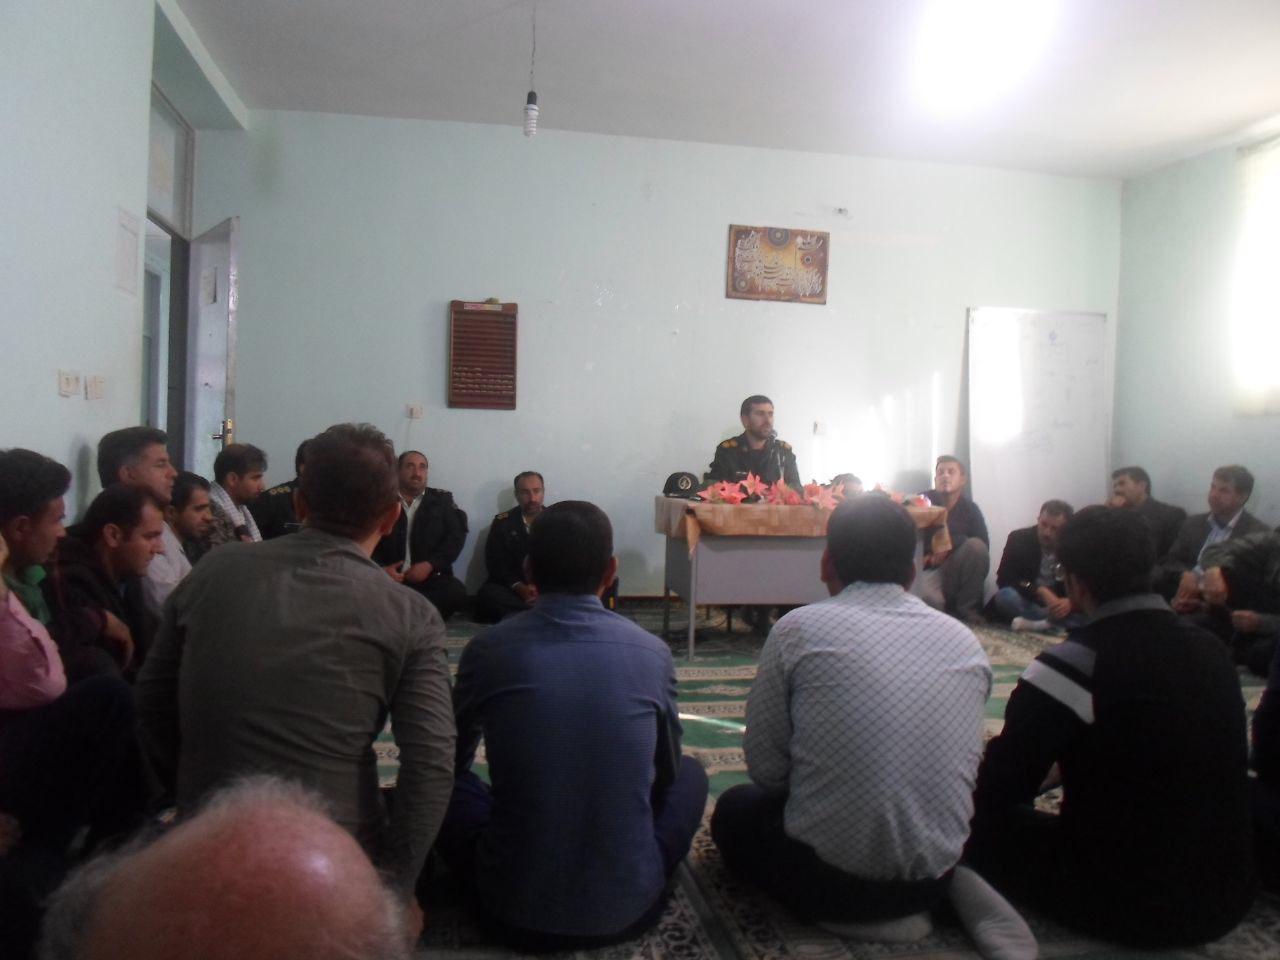 انتصاب حاج محسن نظری به عنوان فرماندهی حوزه سلمان فارسی پل تنگ (دهستان پاعلم شهرستان پلدختر)